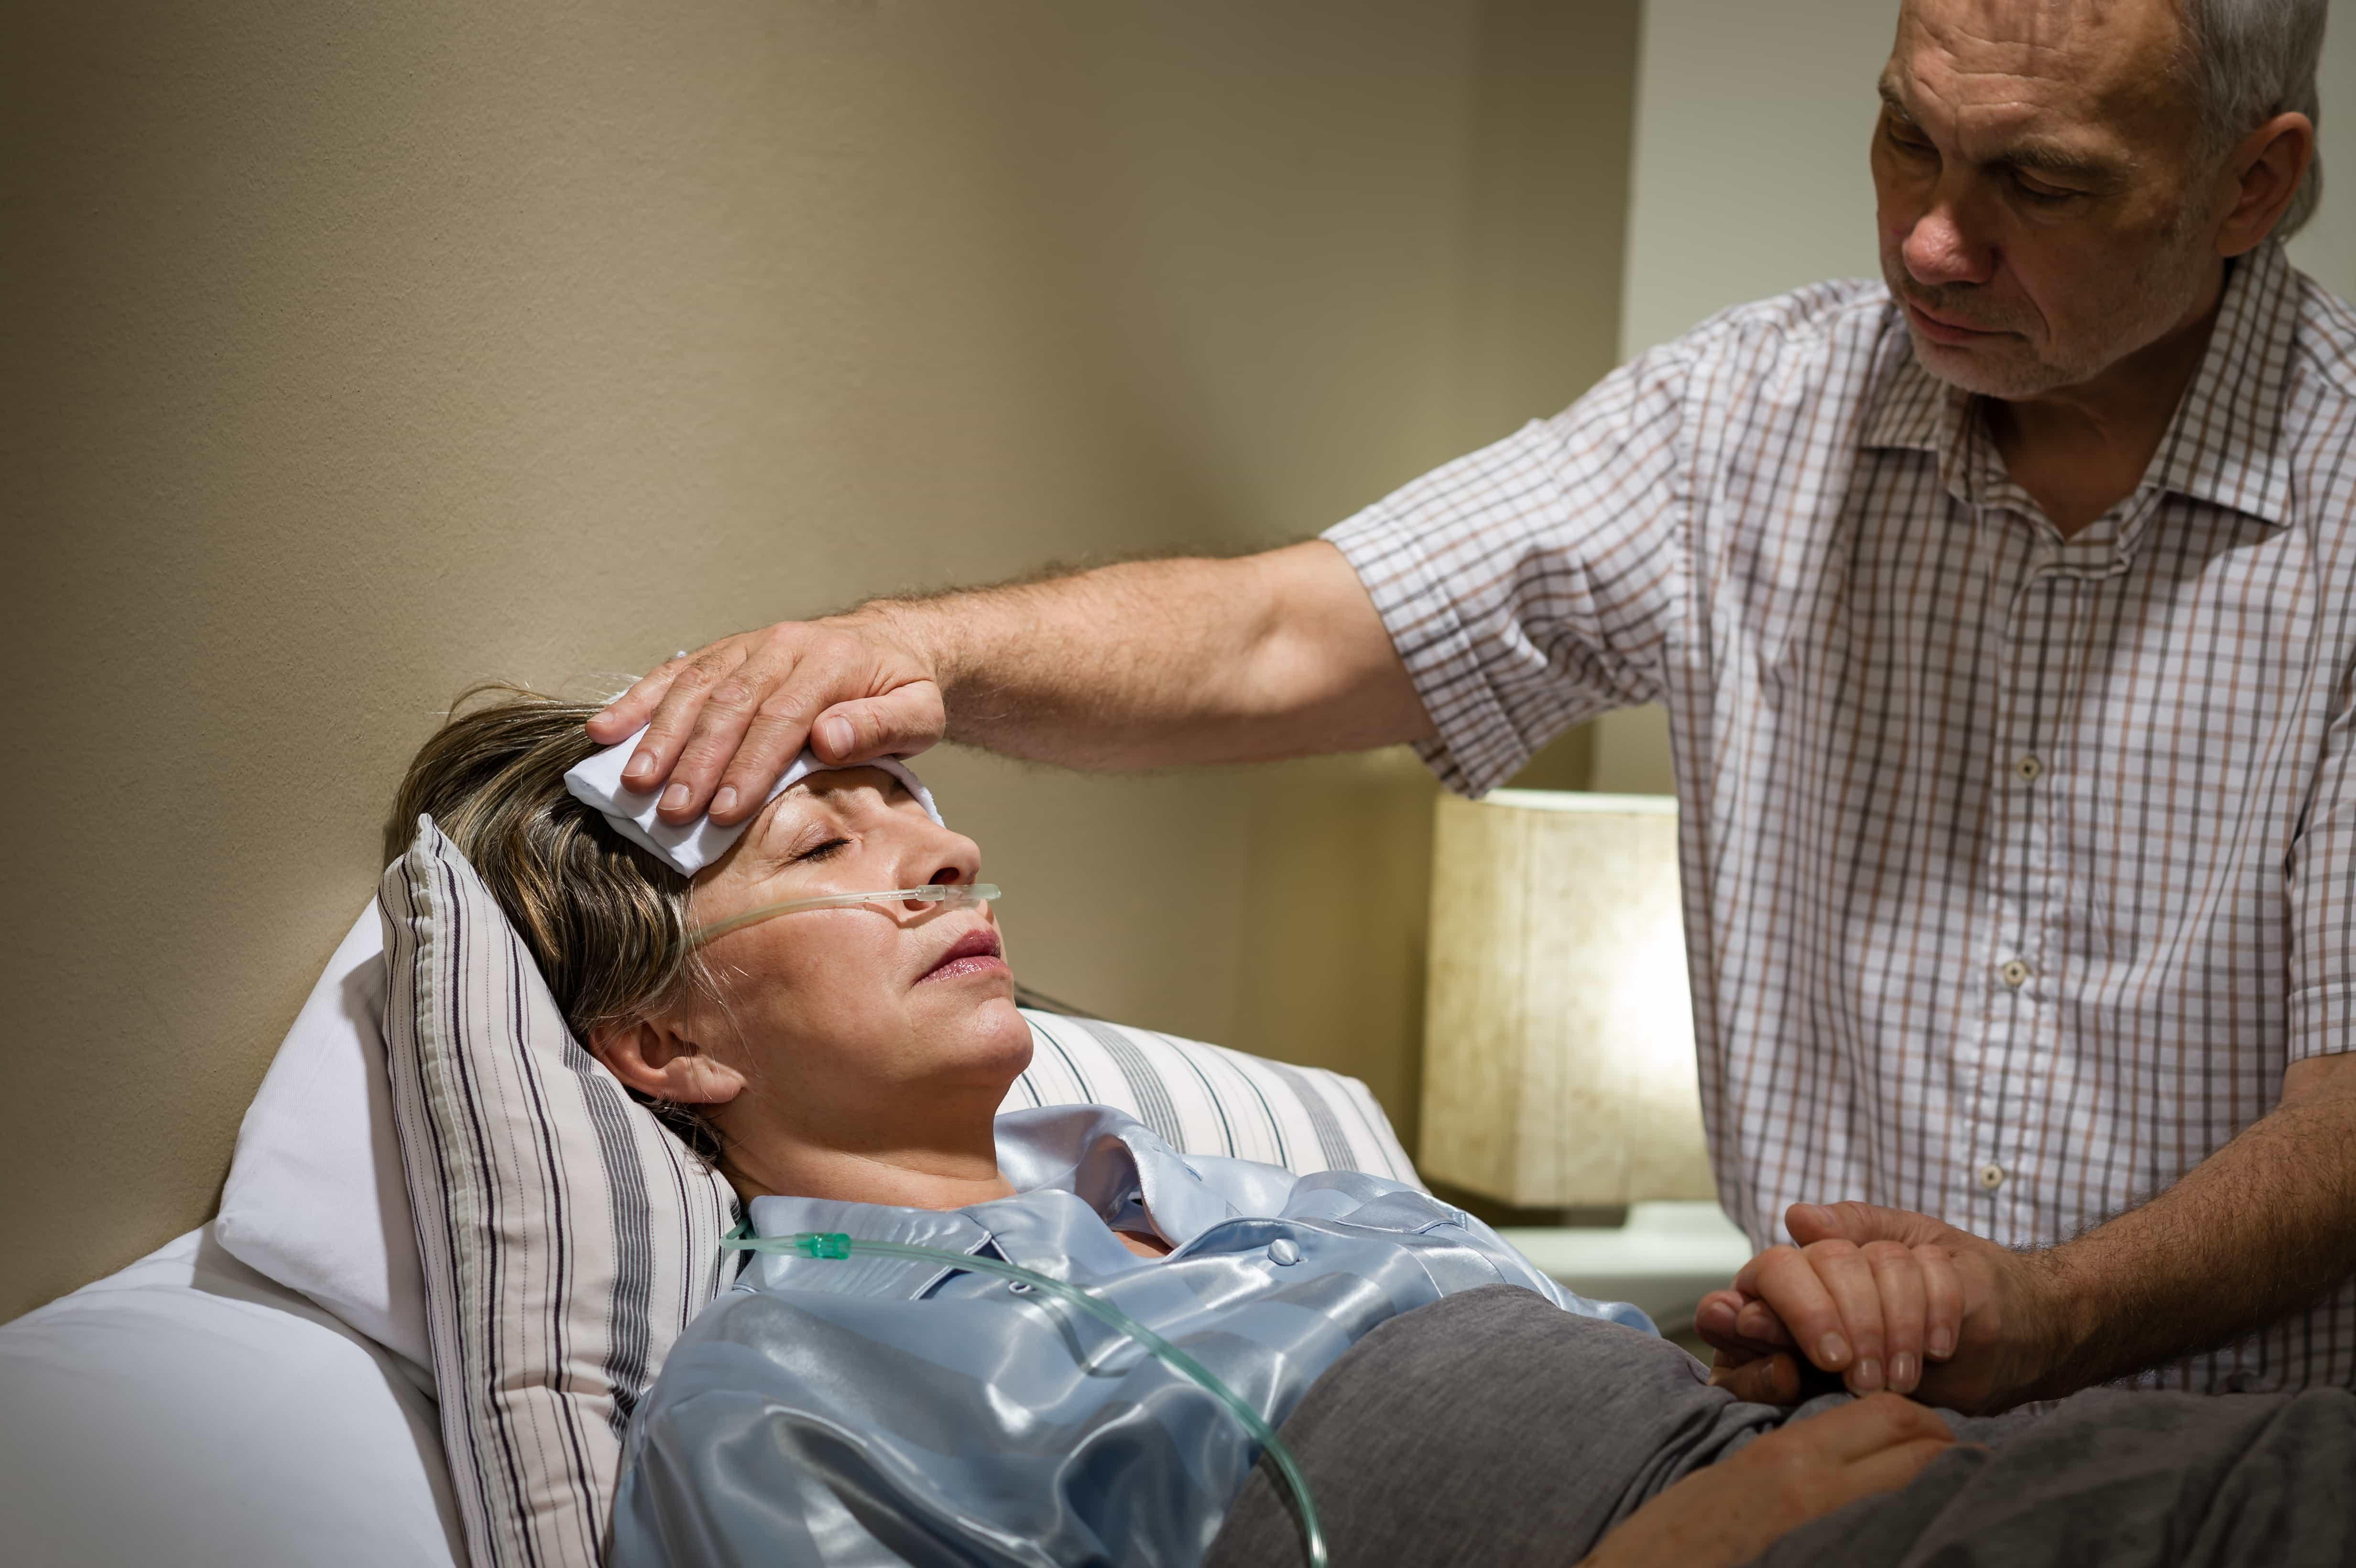 Мужчины оказывают помощь партнеру во время болезни так же, как и женщины